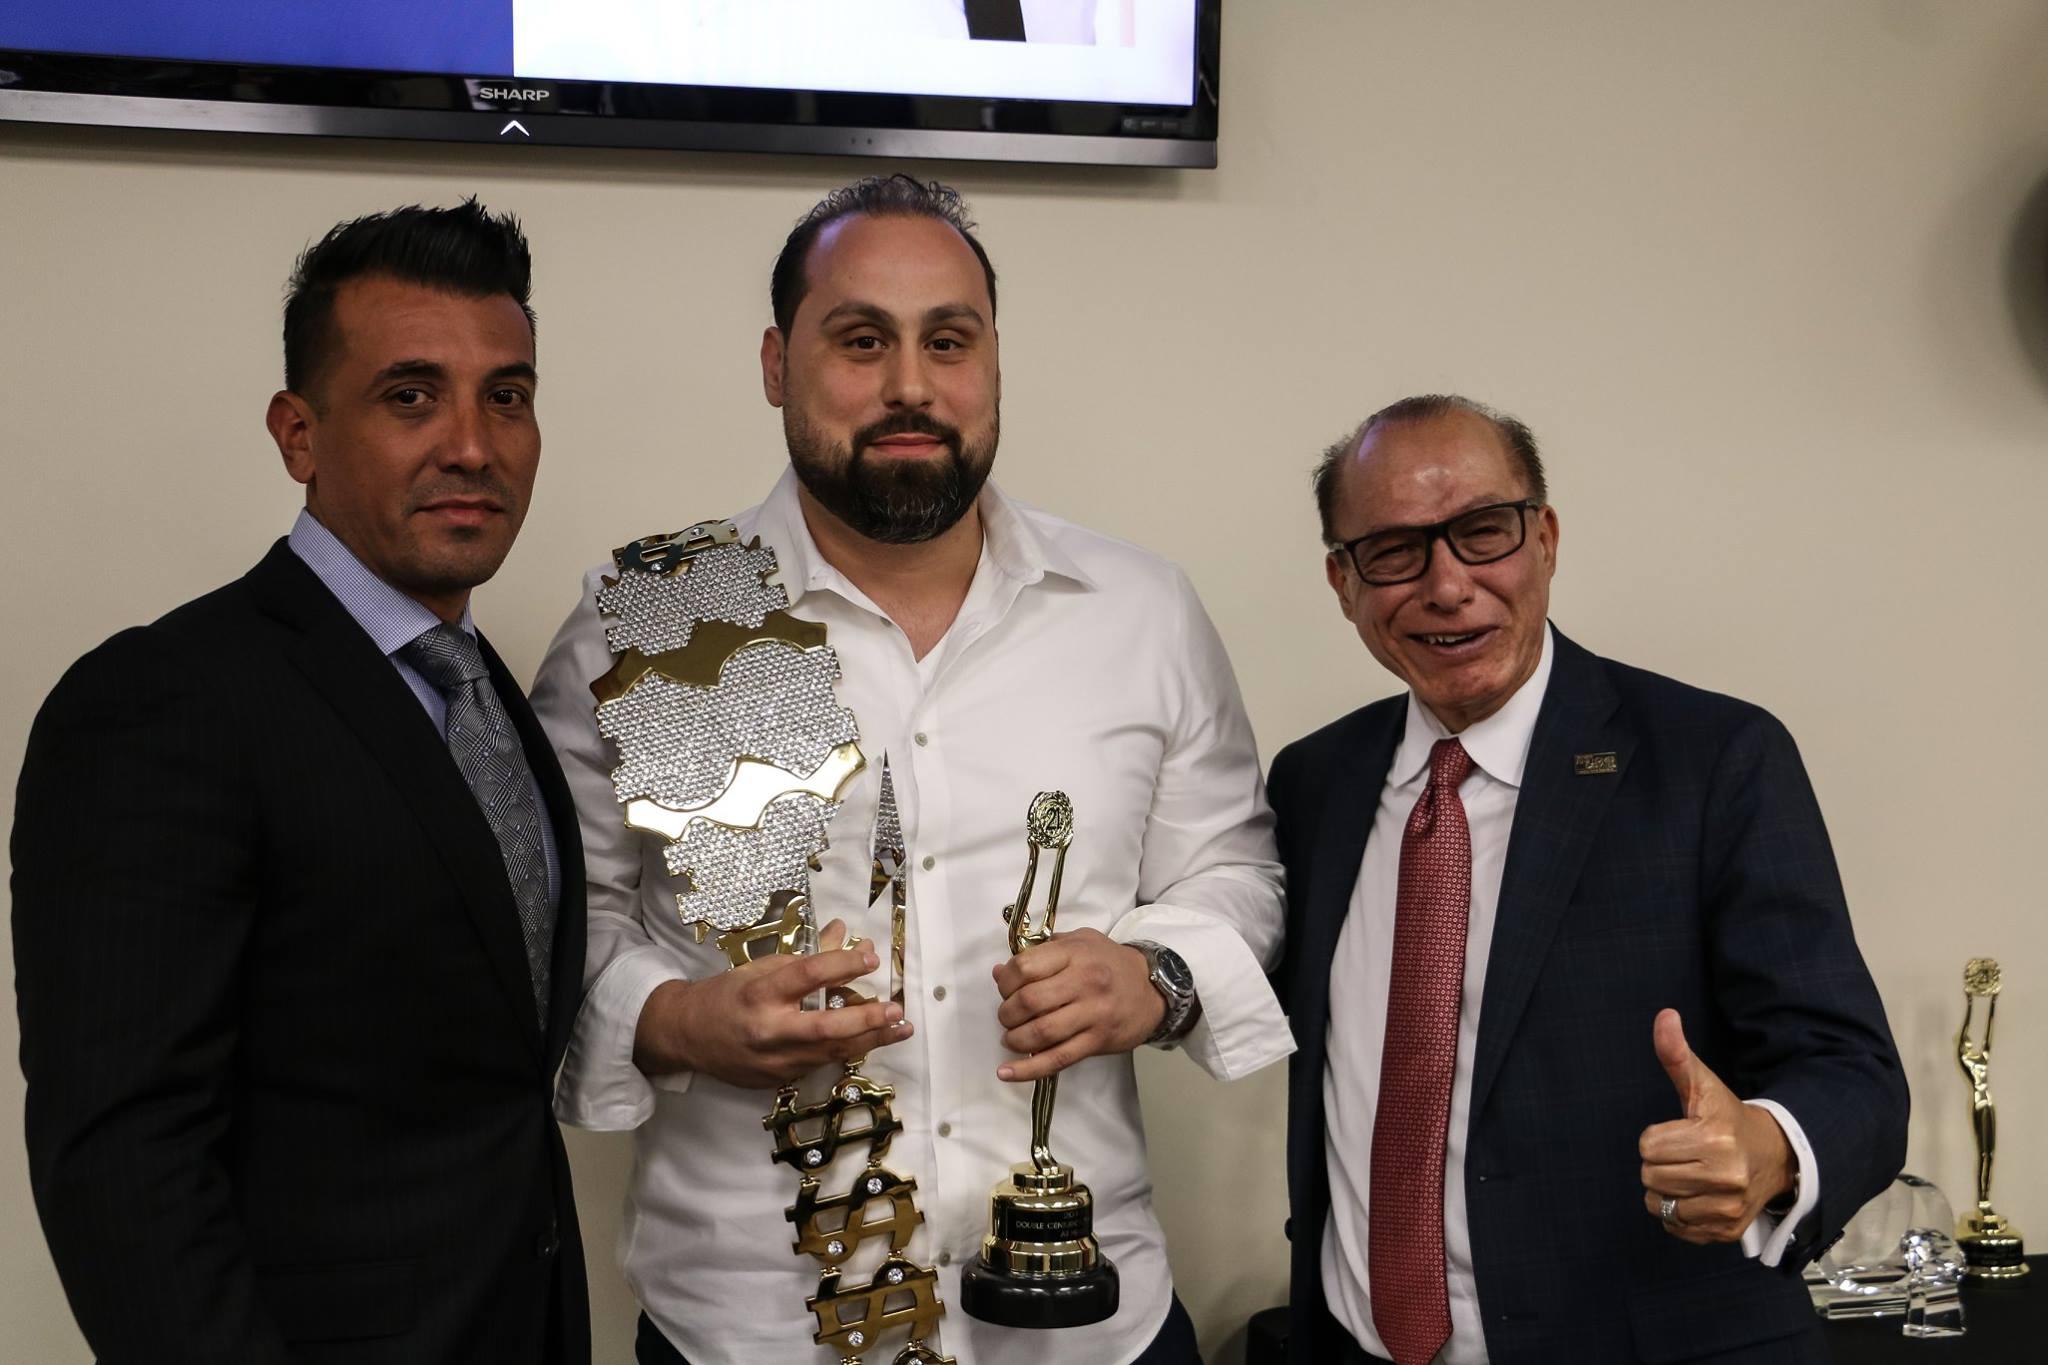 Ali Hijazi, center, earned Century 21's Grand Centurion Producer Award. Photo courtesy Century 21 A Better Service Realty.